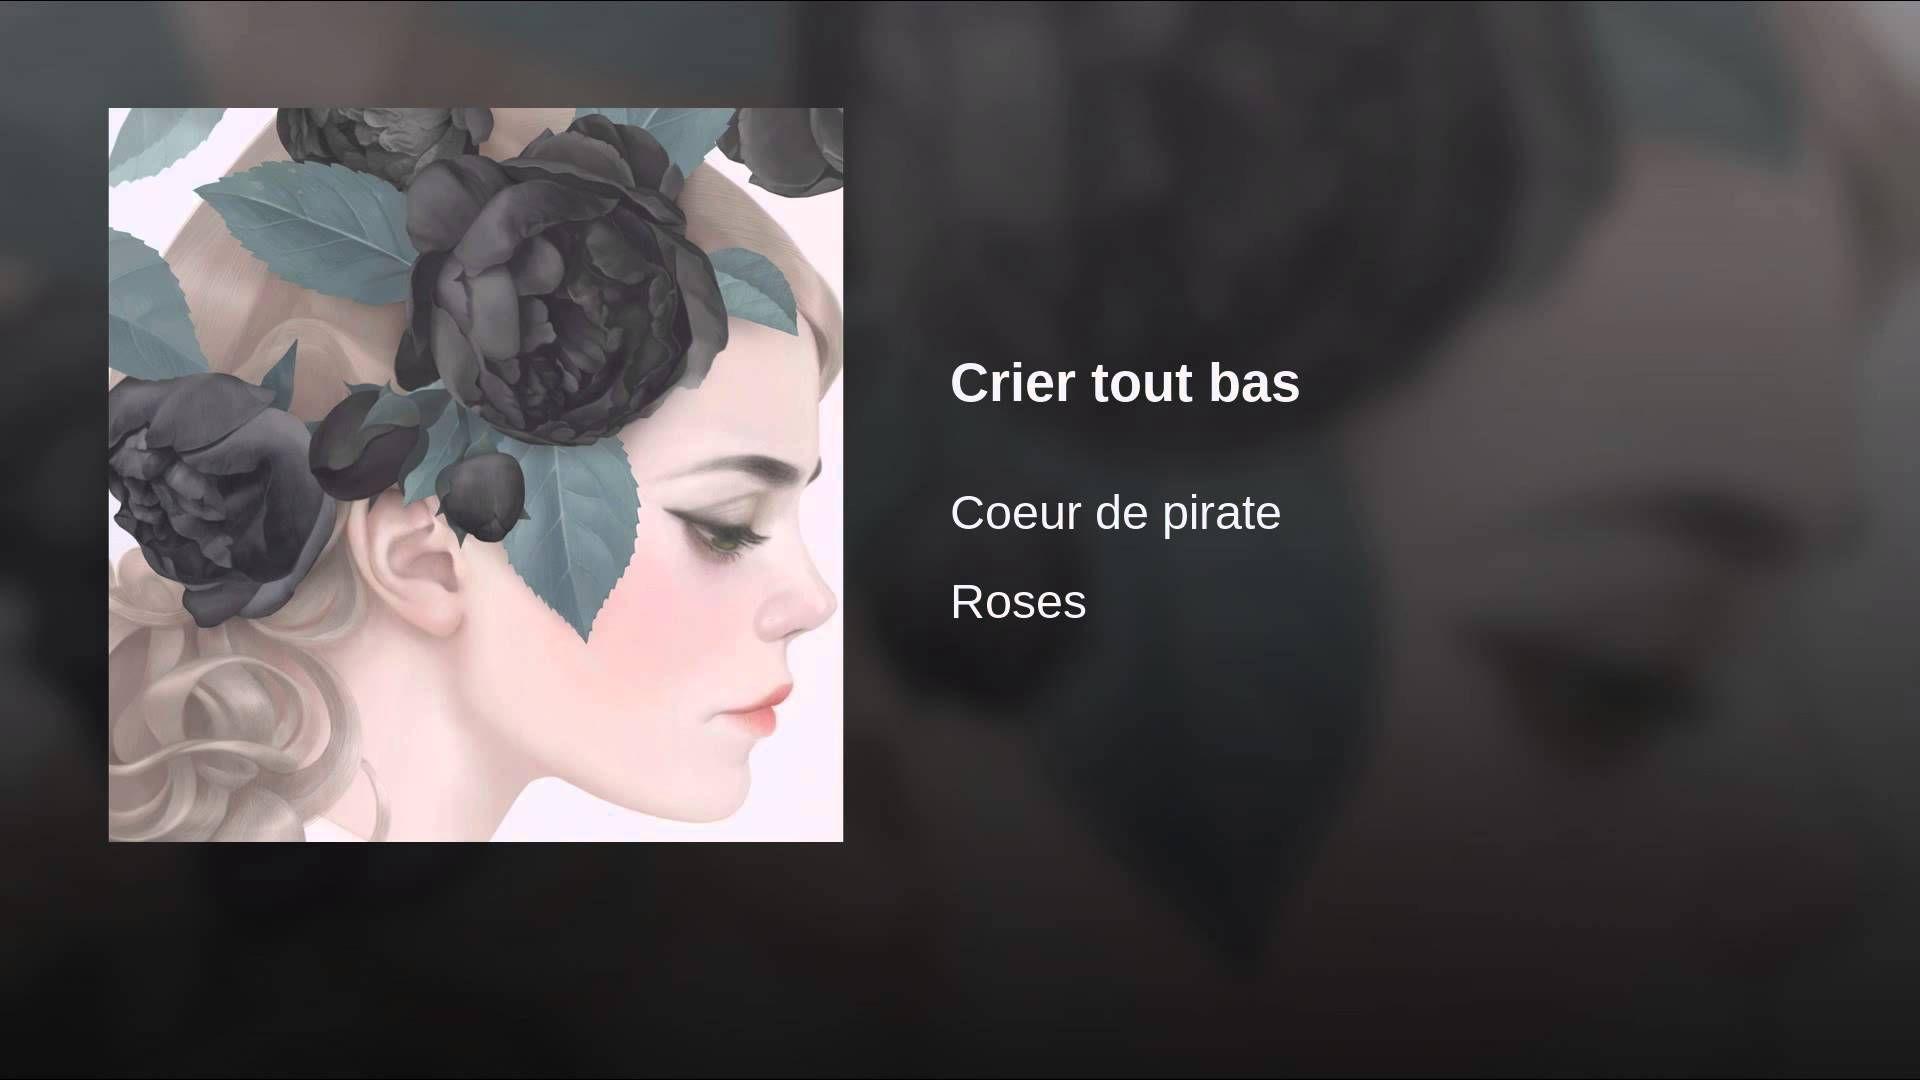 Crier tout bas YouTube Cœur de pirate, Music, Poster